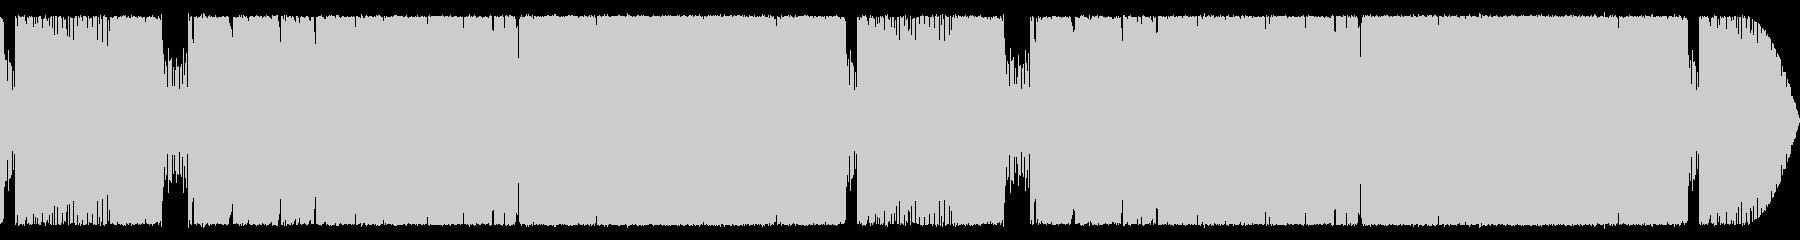 格闘・バトルに合う重厚なギターサウンドの未再生の波形